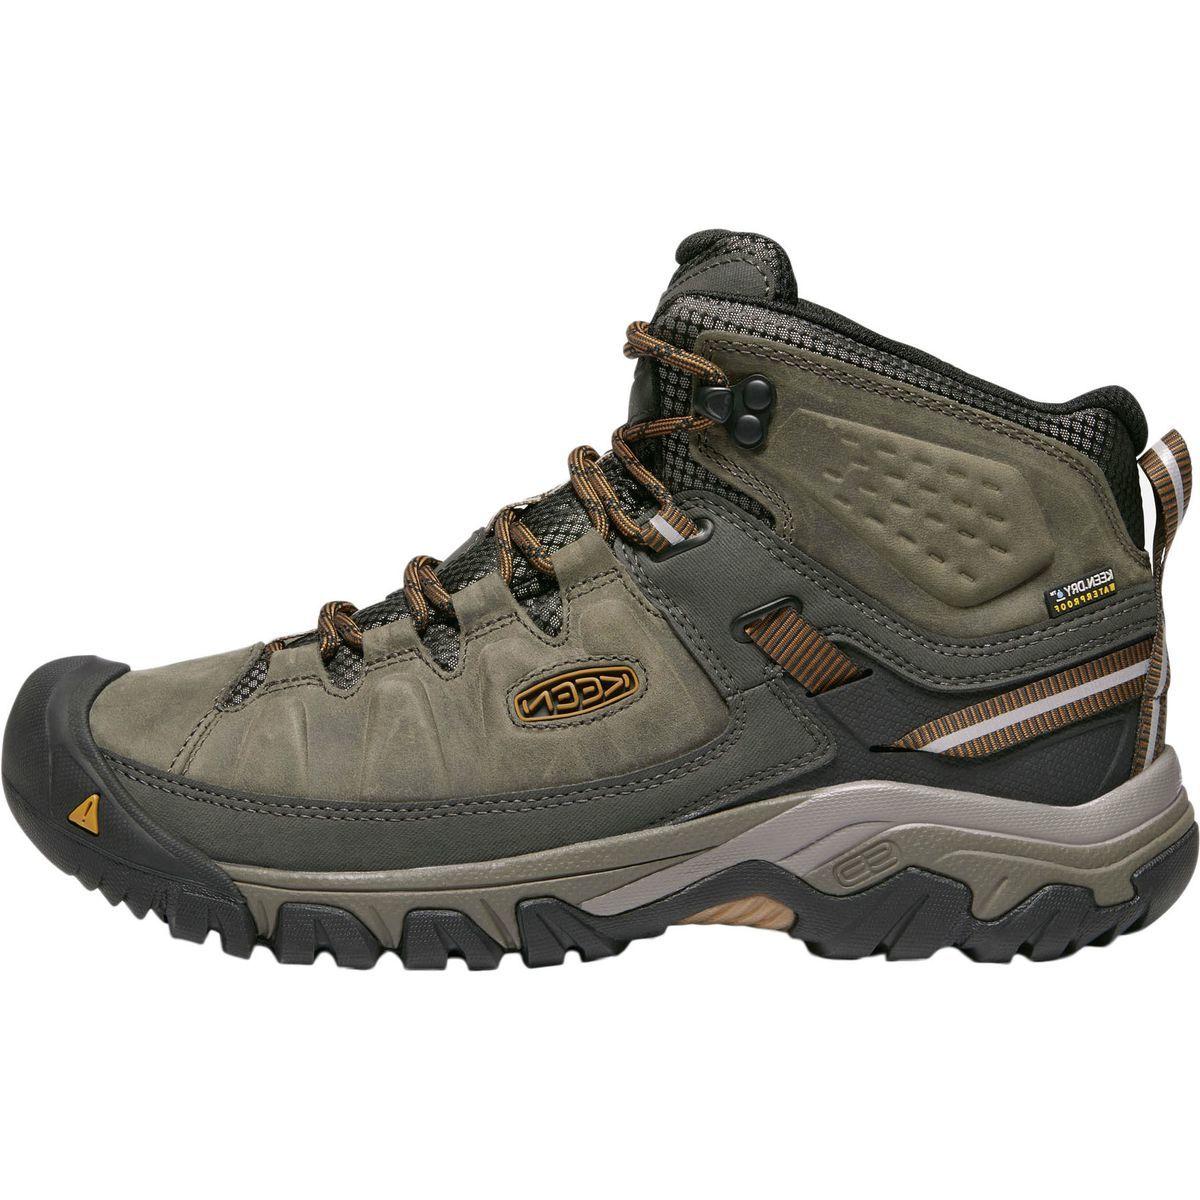 KEEN Targhee III Mid Waterproof Wide Hiking Boot - Men's